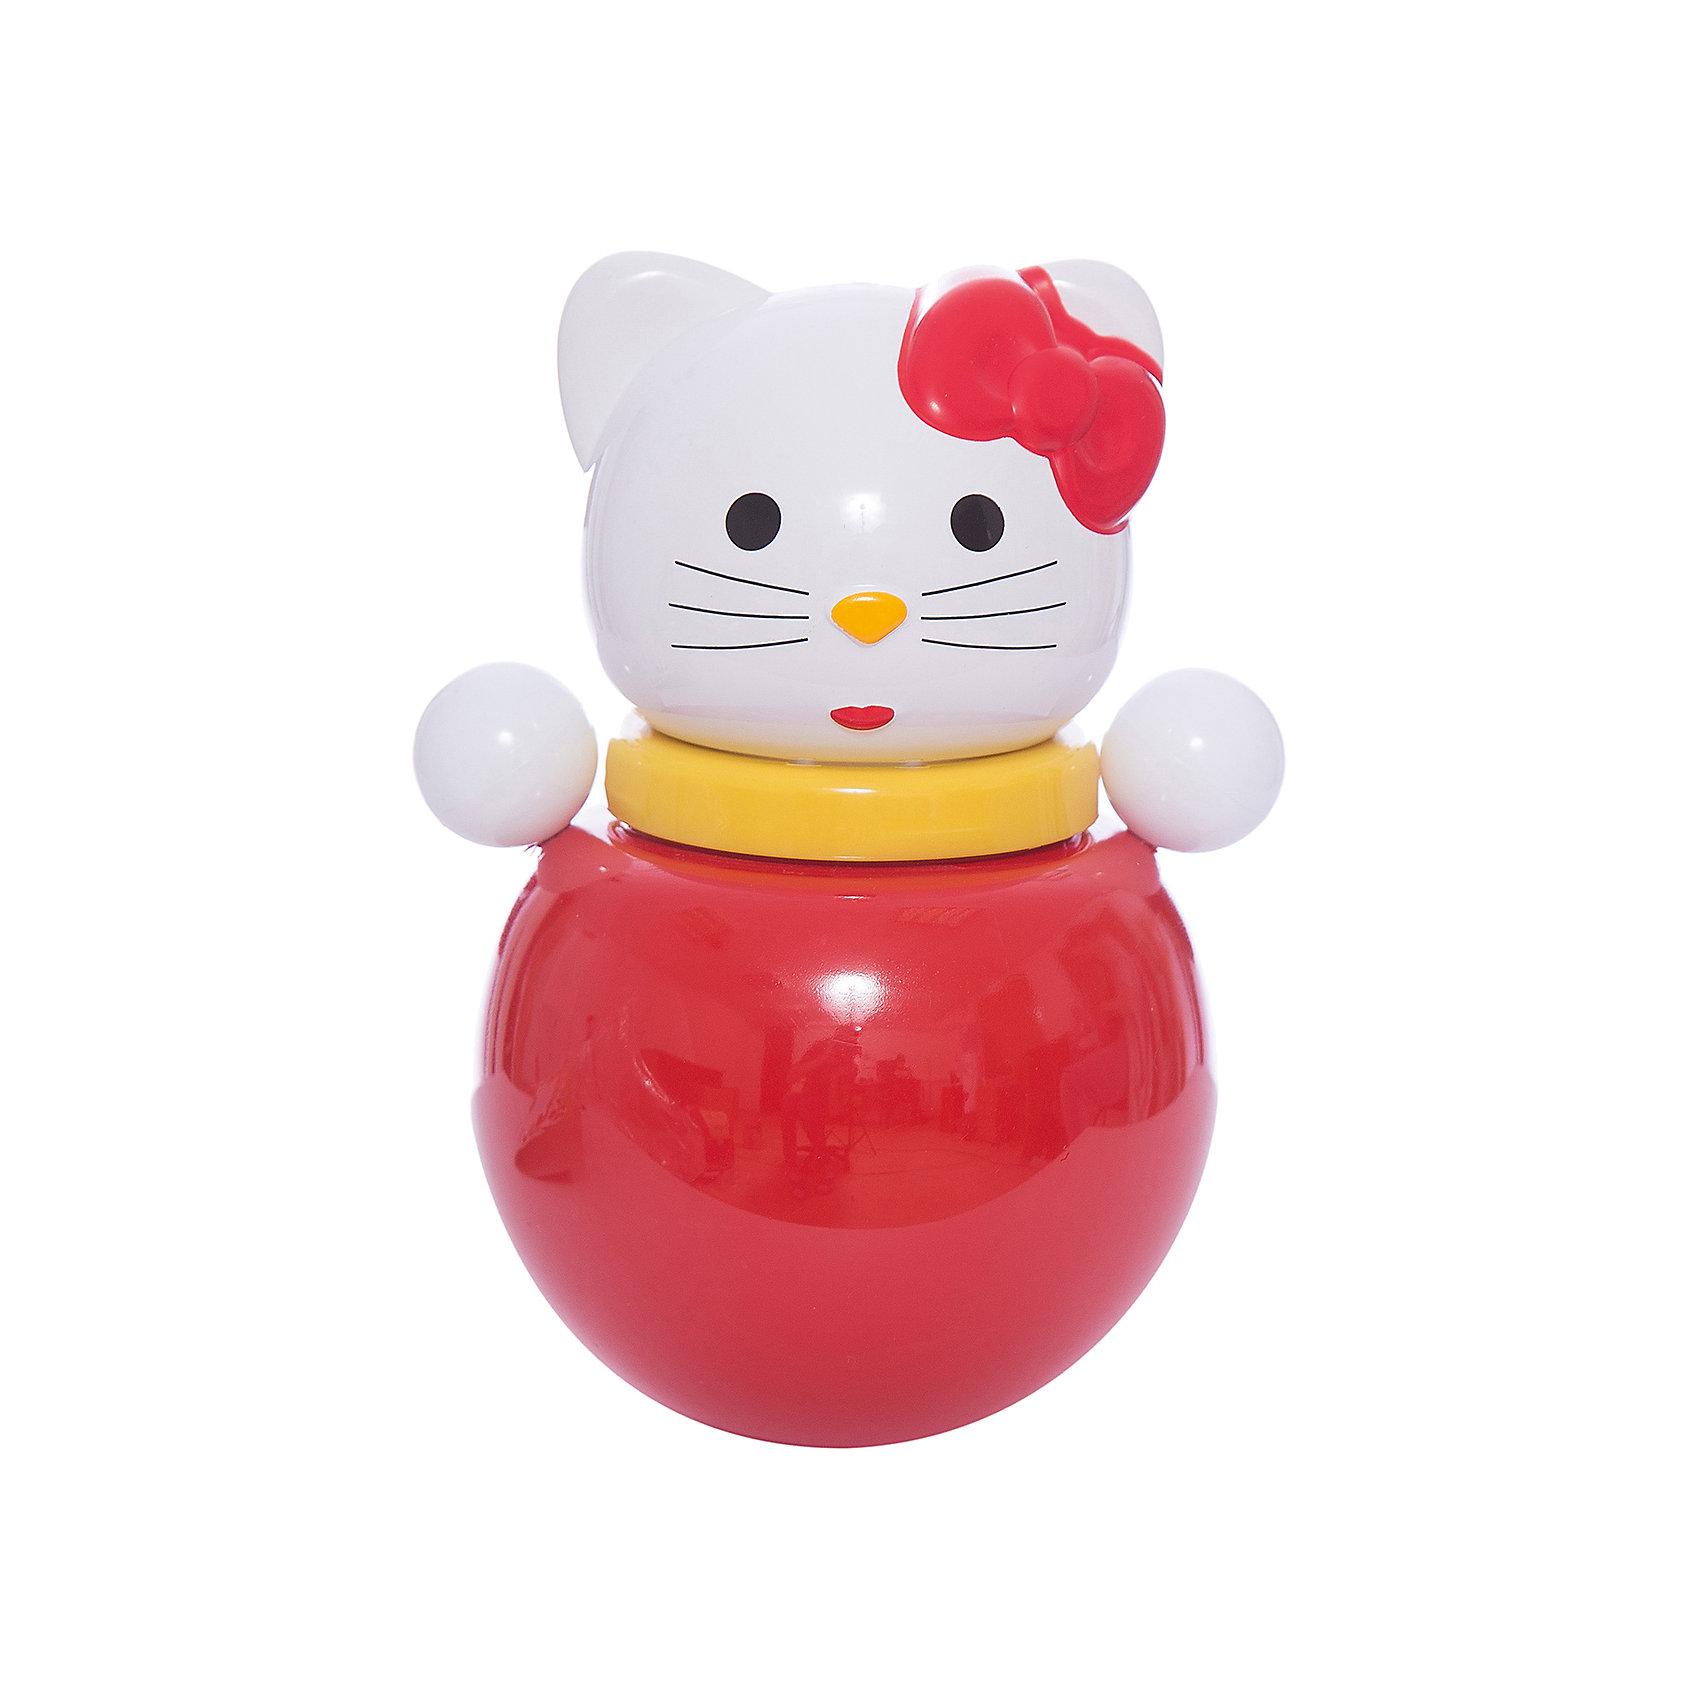 Неваляшка малая Кошечка Мурочка, СтелларНеваляшки<br>Неваляшка малая Кошечка Мурочка, Стеллар (Stellar) — яркая и красивая игрушка-неваляшка  для вашего ребенка.<br><br>Игрушка Кошечка Мурочка , благодаря своей возможности качаться с боку на бок, не падая и издавая при этом звуки, точно заинтересует малыша. Внутри игрушки находится небольшой шарик-погремушка, который при перекатывании издает приятные мелодичные звуки.<br><br>Играя с неваляшкой, ребенок развивает мелкую моторику рук и звуковое восприятие.<br><br>Неваляшка Кошечка Мурочка от Стеллар станет прекрасным подарком малышу.<br><br>Дополнительная информация:<br><br>- Материал: пластмасса<br>- Высота игрушки: 180 мм<br>- Размер упаковки: 100 х 100 х 180 мм<br>- Вес: 160 г.<br><br>Игрушку Неваляшка малая Кошечка Мурочка, Стеллар (Stellar) можно купить в нашем интернет-магазине.<br><br>Ширина мм: 100<br>Глубина мм: 100<br>Высота мм: 180<br>Вес г: 160<br>Возраст от месяцев: 6<br>Возраст до месяцев: 18<br>Пол: Унисекс<br>Возраст: Детский<br>SKU: 3362103